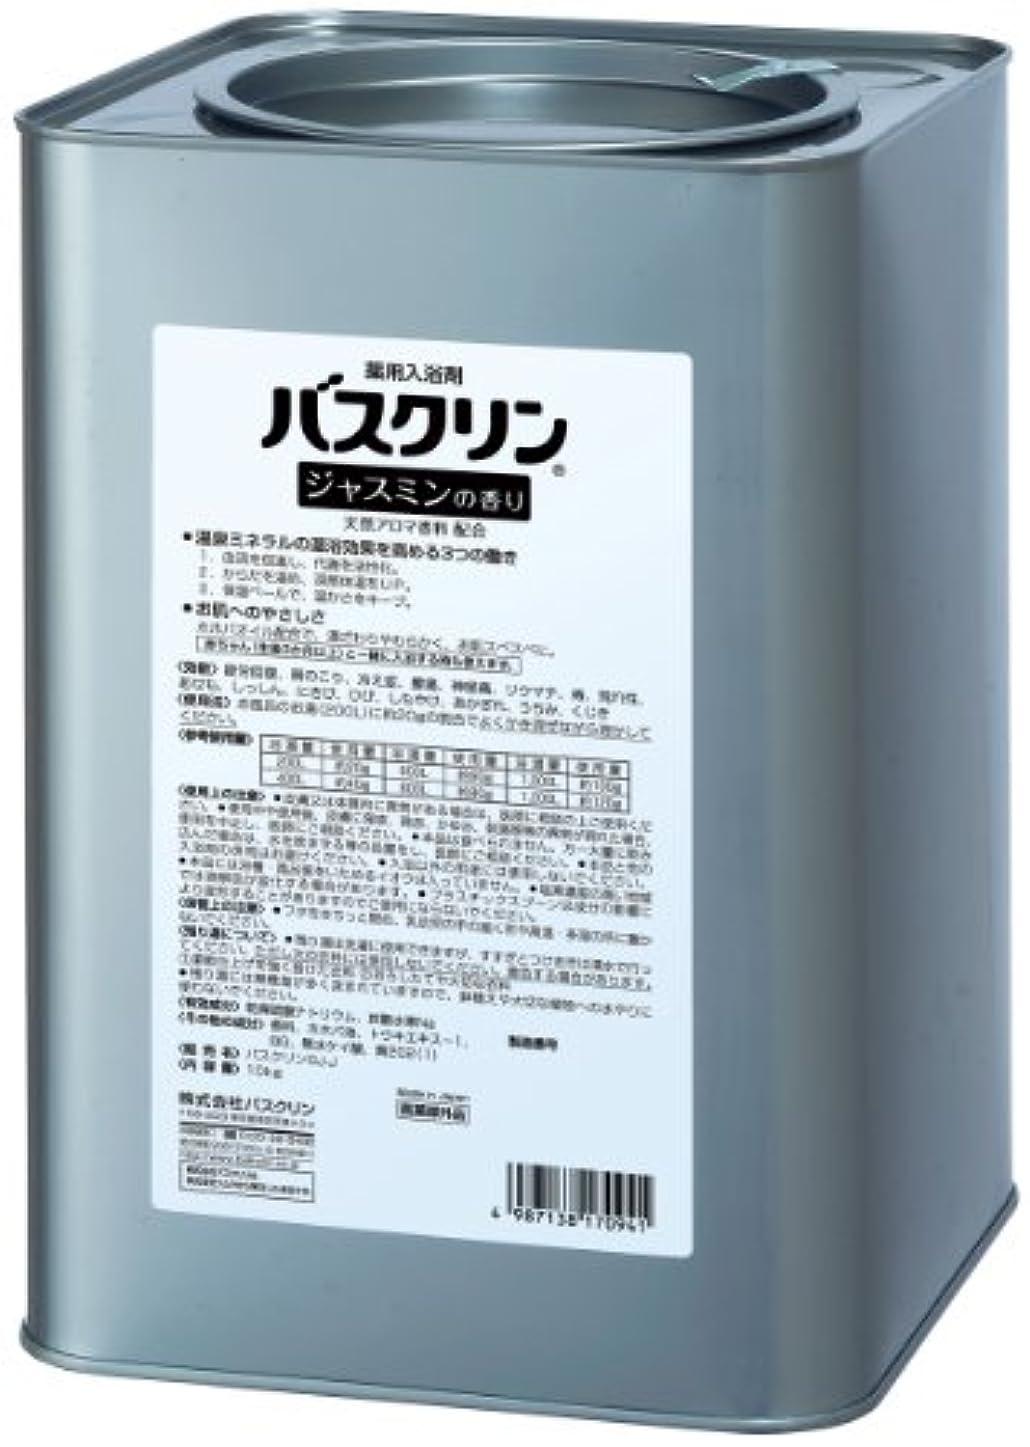 きゅうりはっきりしない毒【業務用】バスクリン ジャスミン 10kg 入浴剤